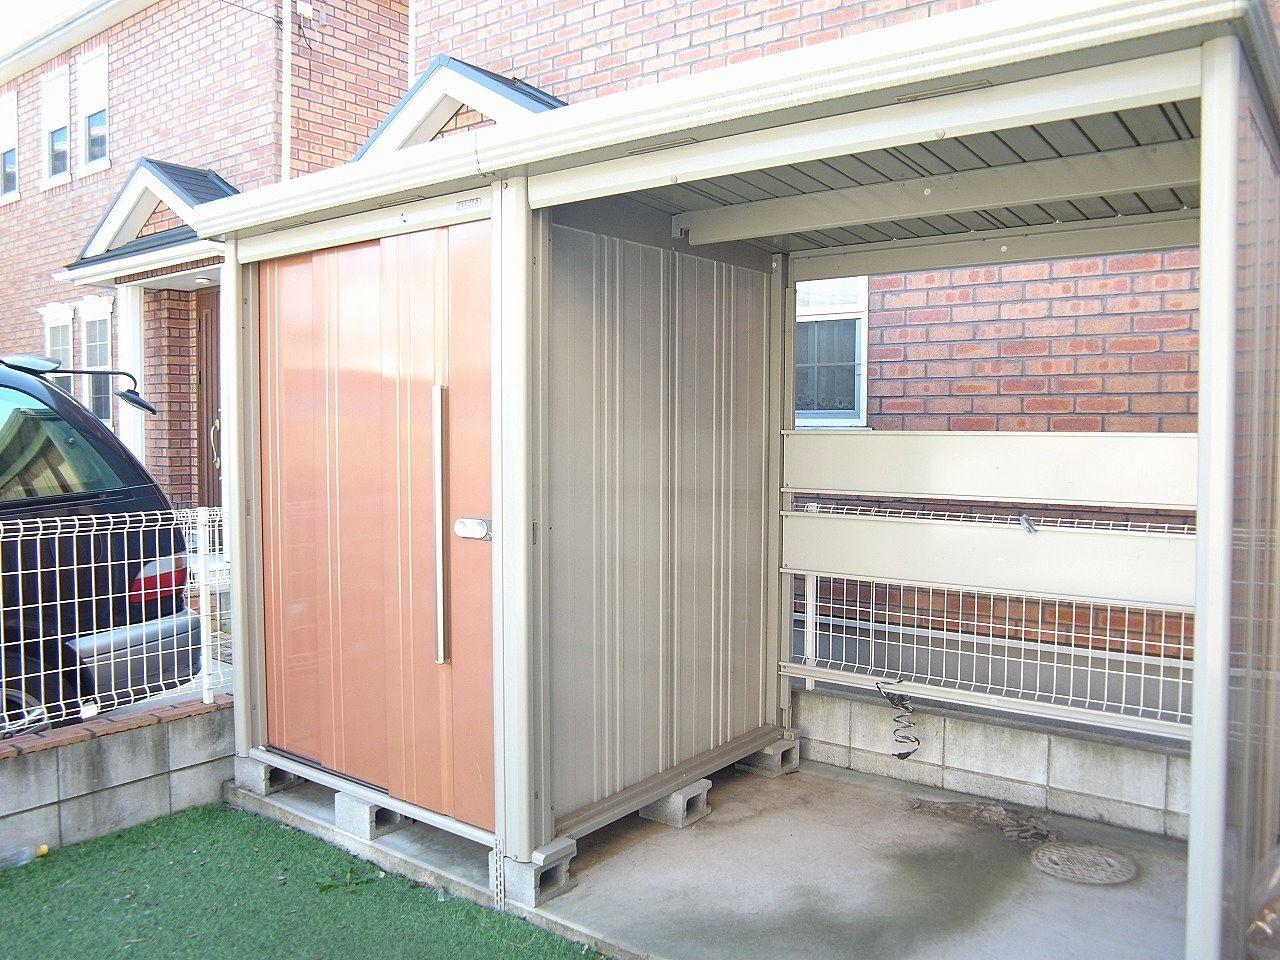 物置としても使え、屋根付き駐輪場としても使えます。